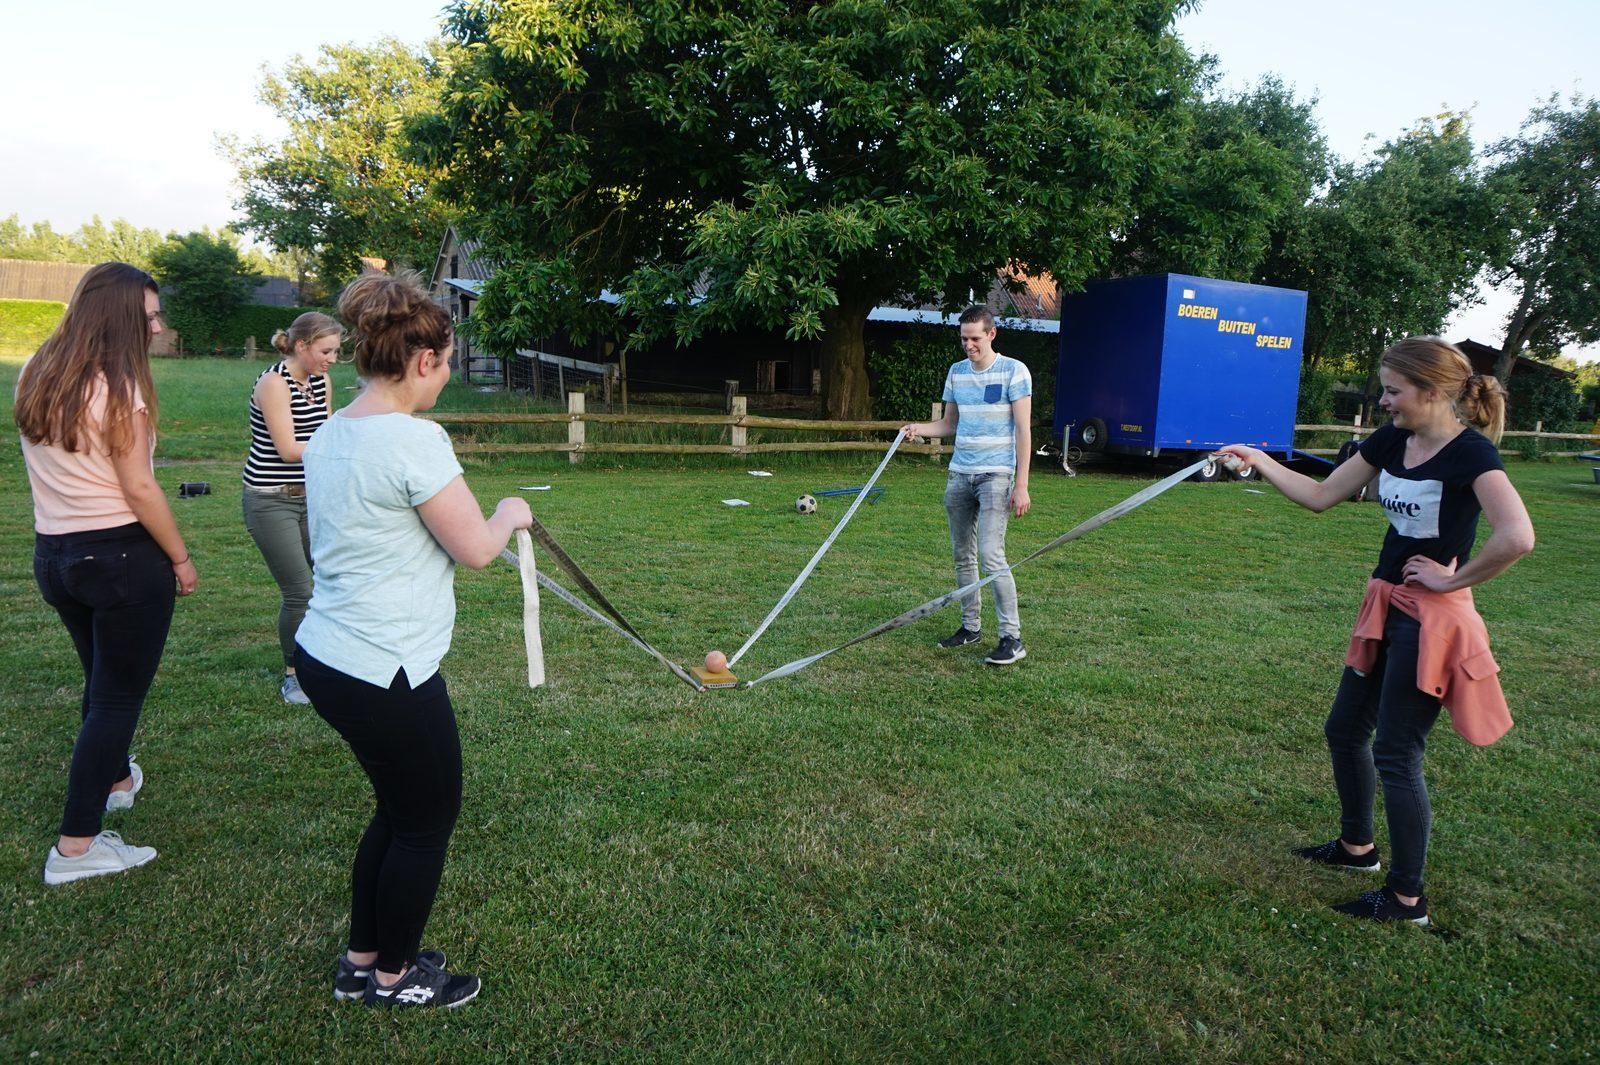 Boeren Buitenspelen gezellige activiteit in Voorthuizen